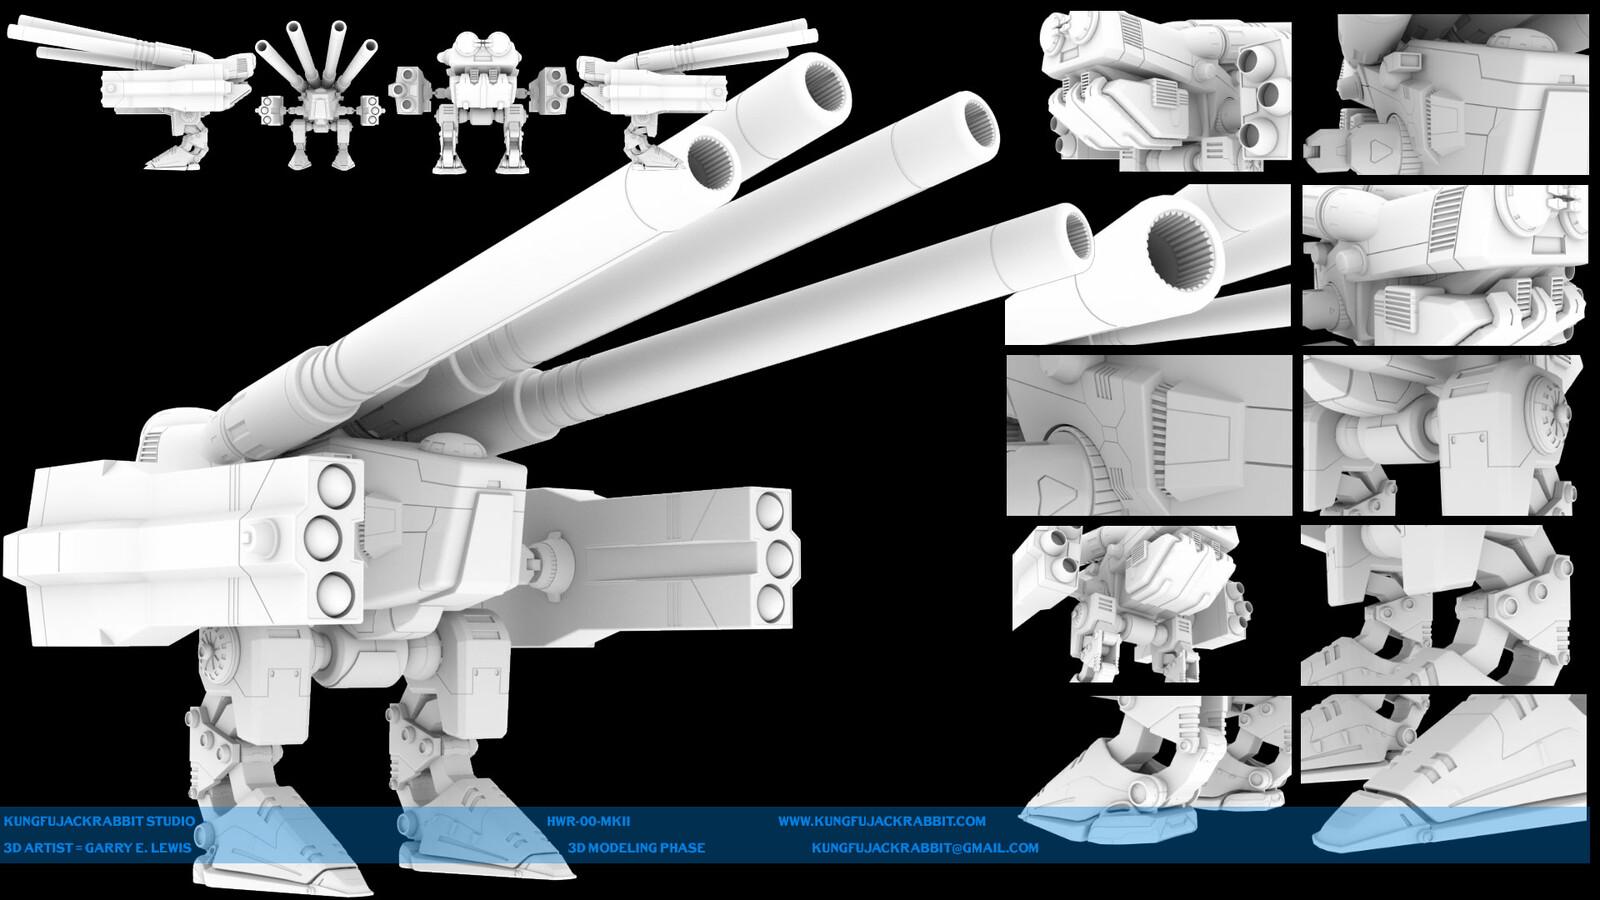 Robotech mech